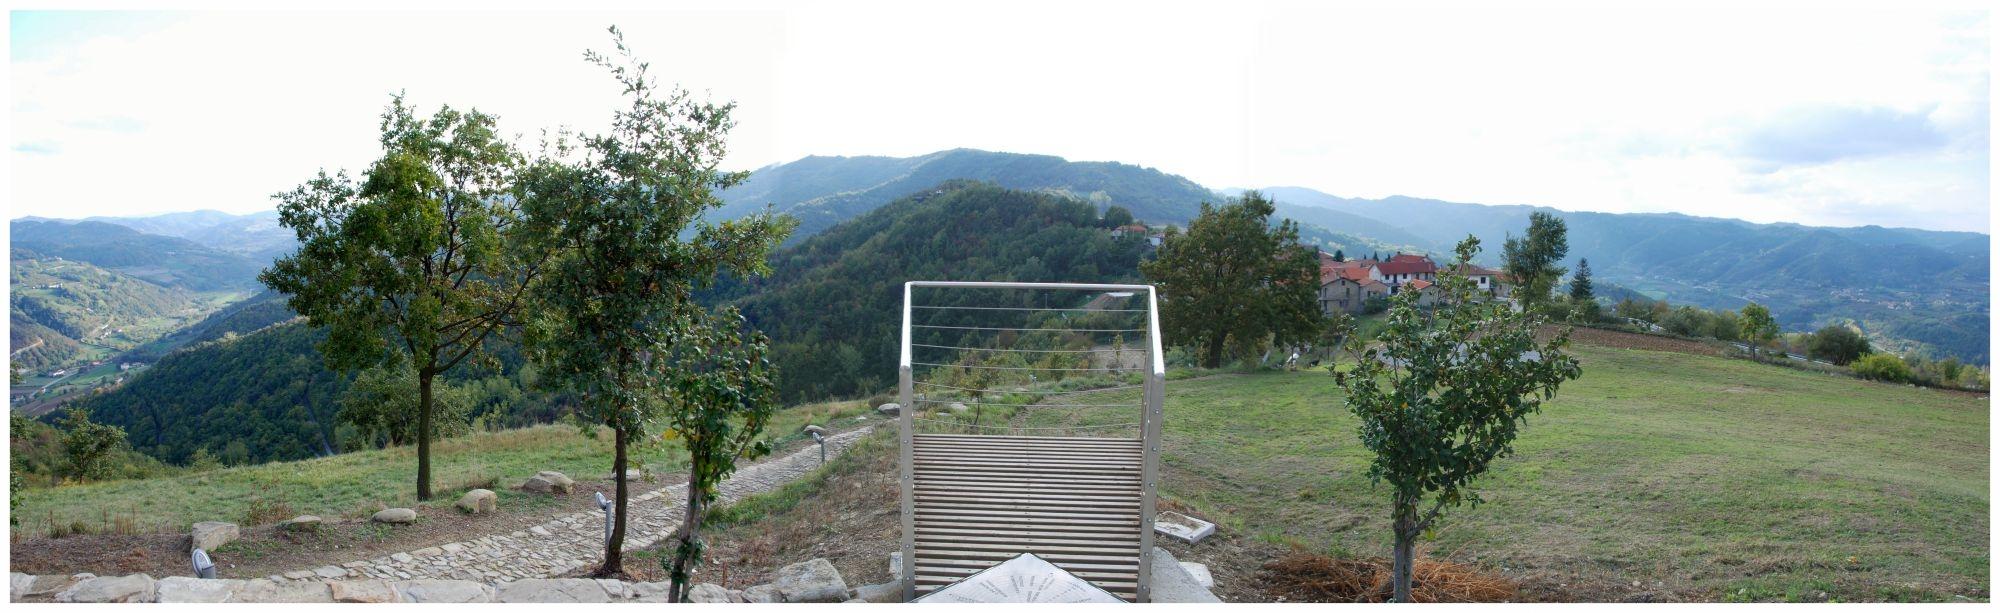 Bergolo-2000_Armellino_e_Poggio-2.jpg